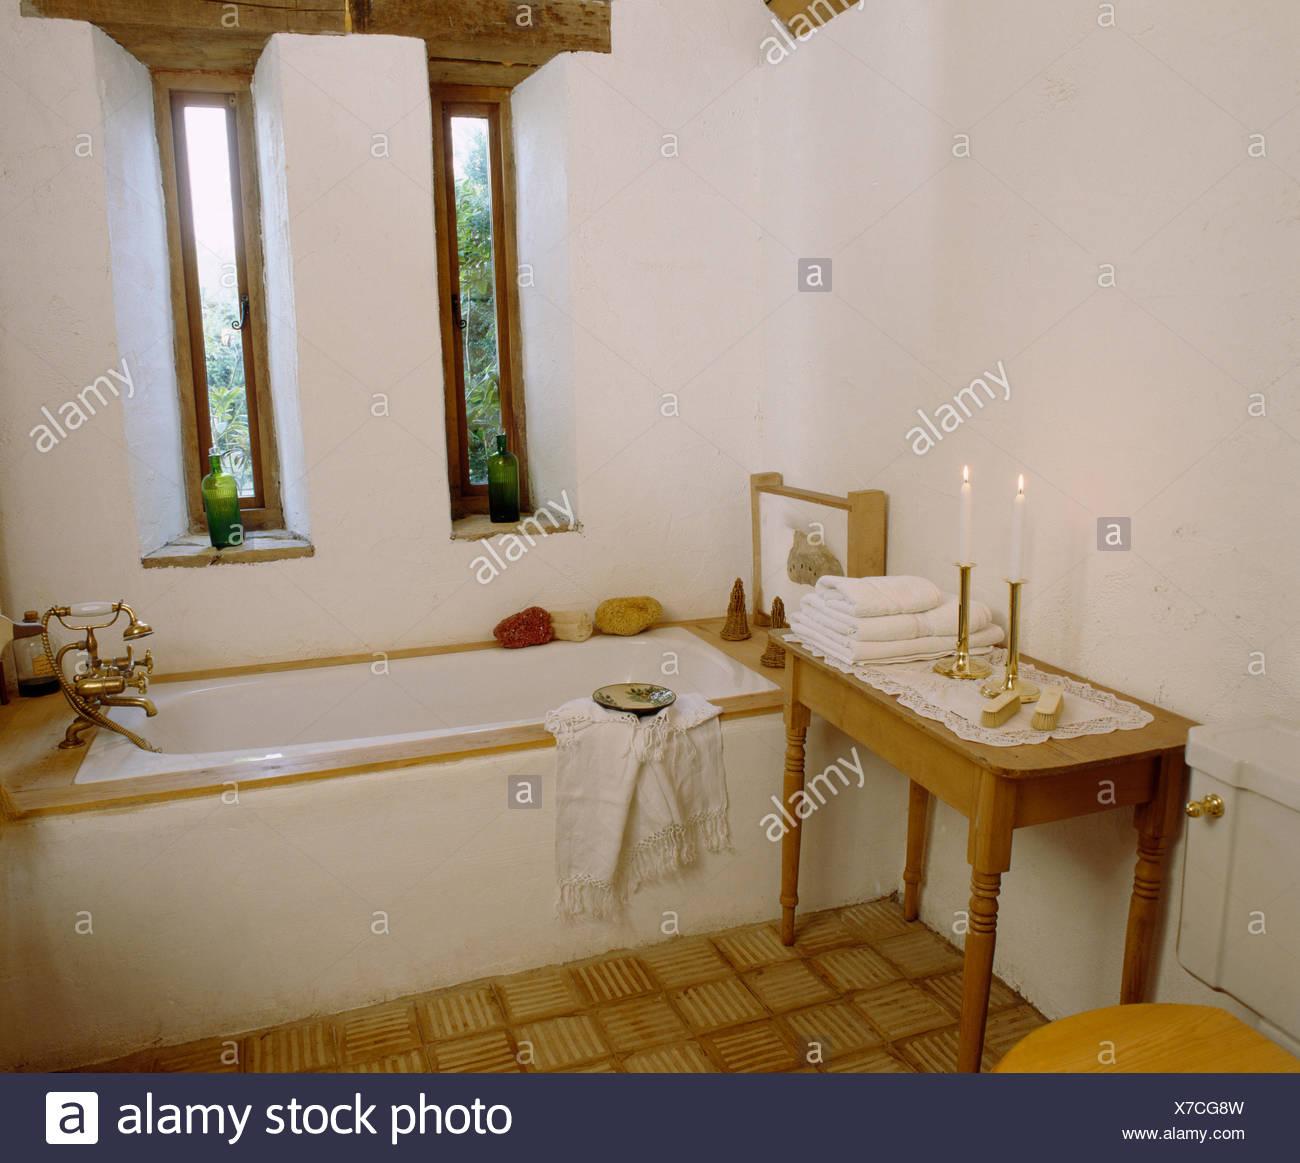 Schmale Fenster oben Bad im Stall Umbau Badezimmer mit ...